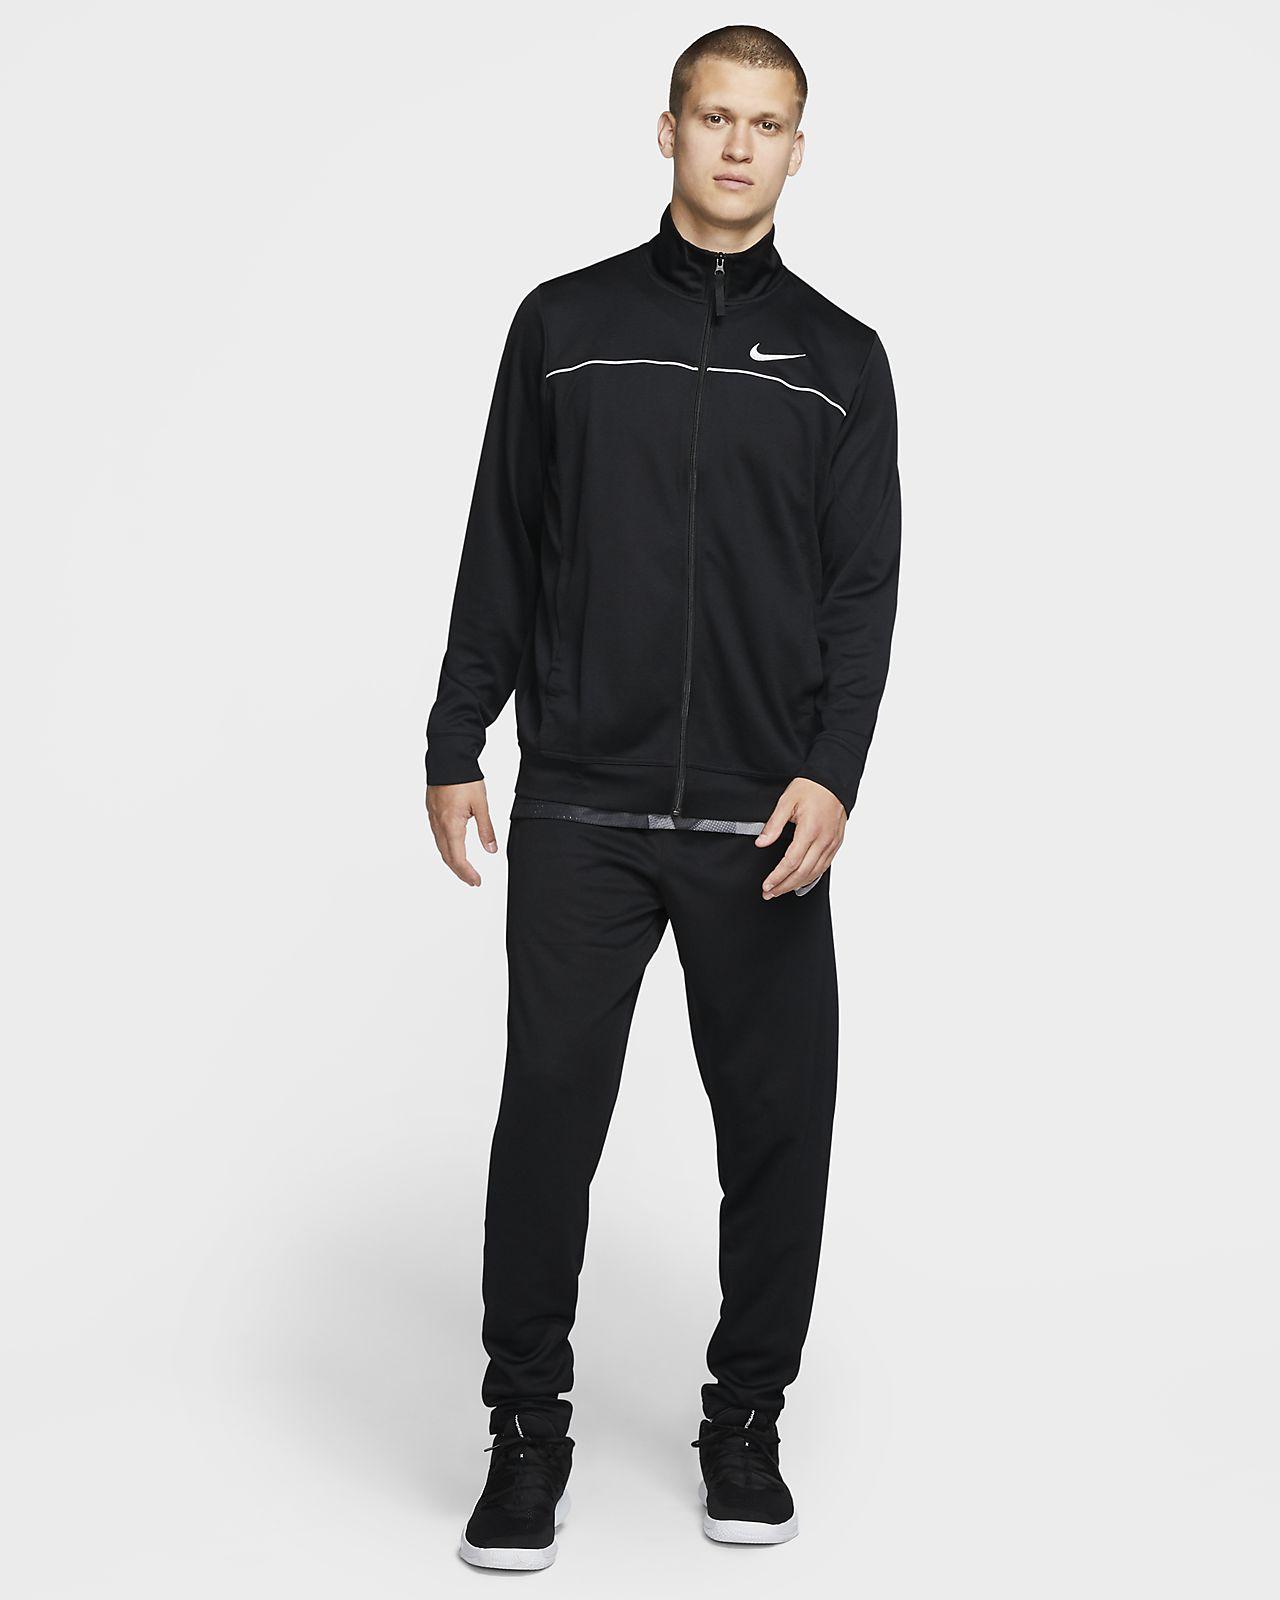 Мужской баскетбольный костюм Nike Rivalry